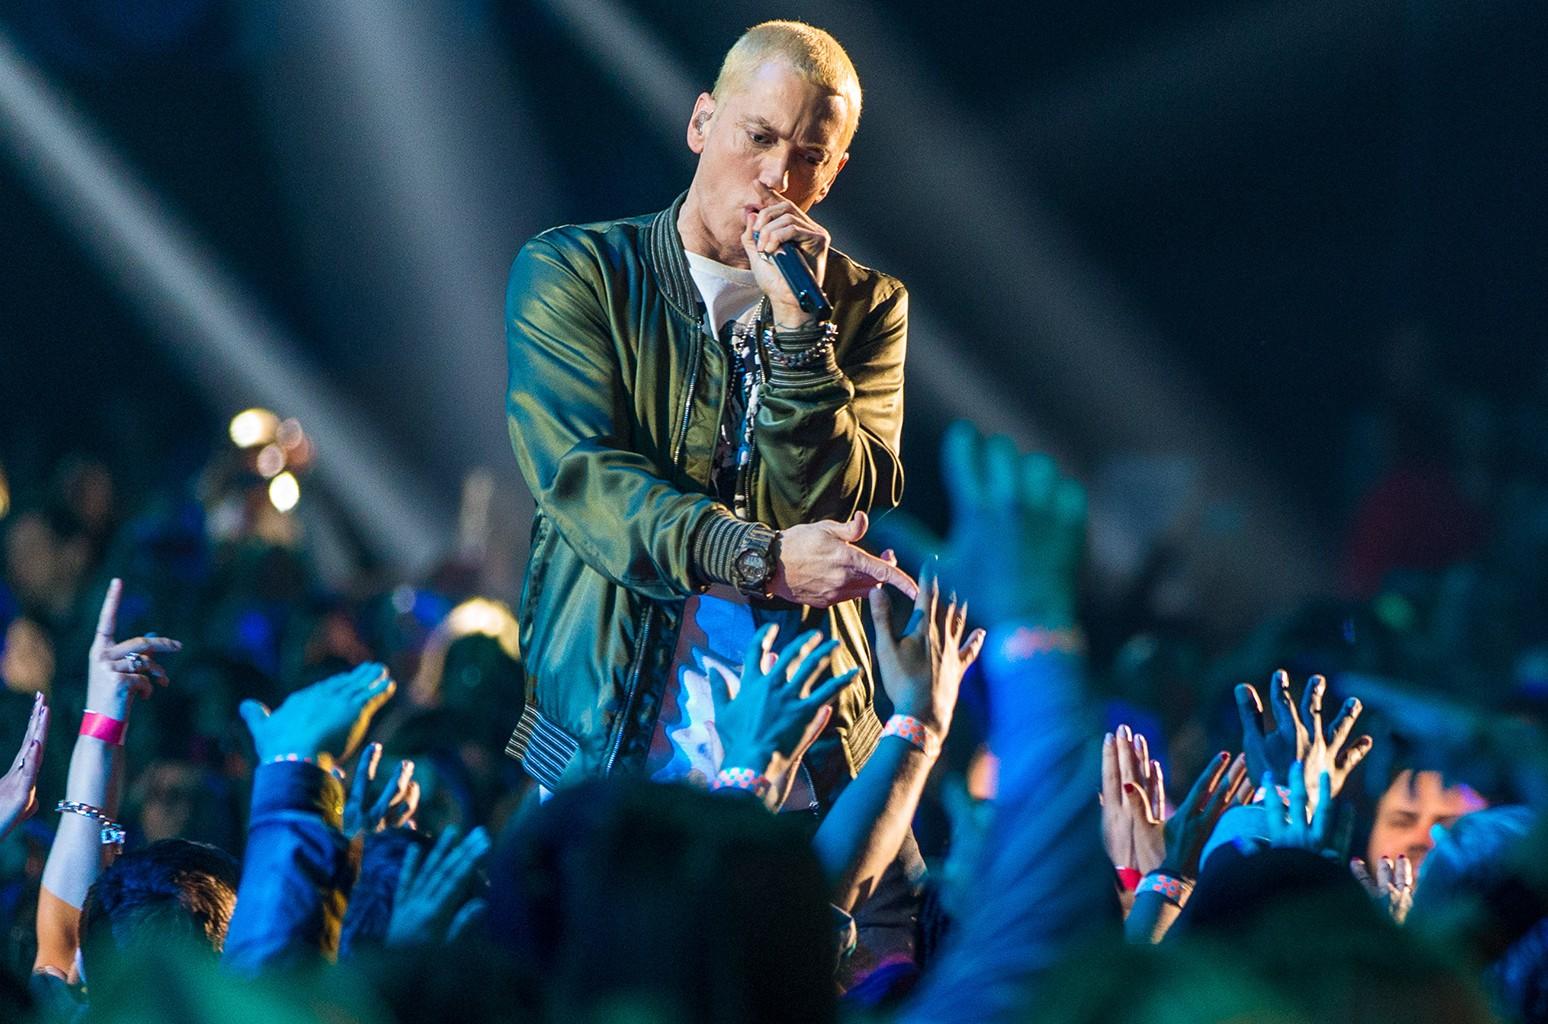 Eminem performs at Nokia Theatre in 2016